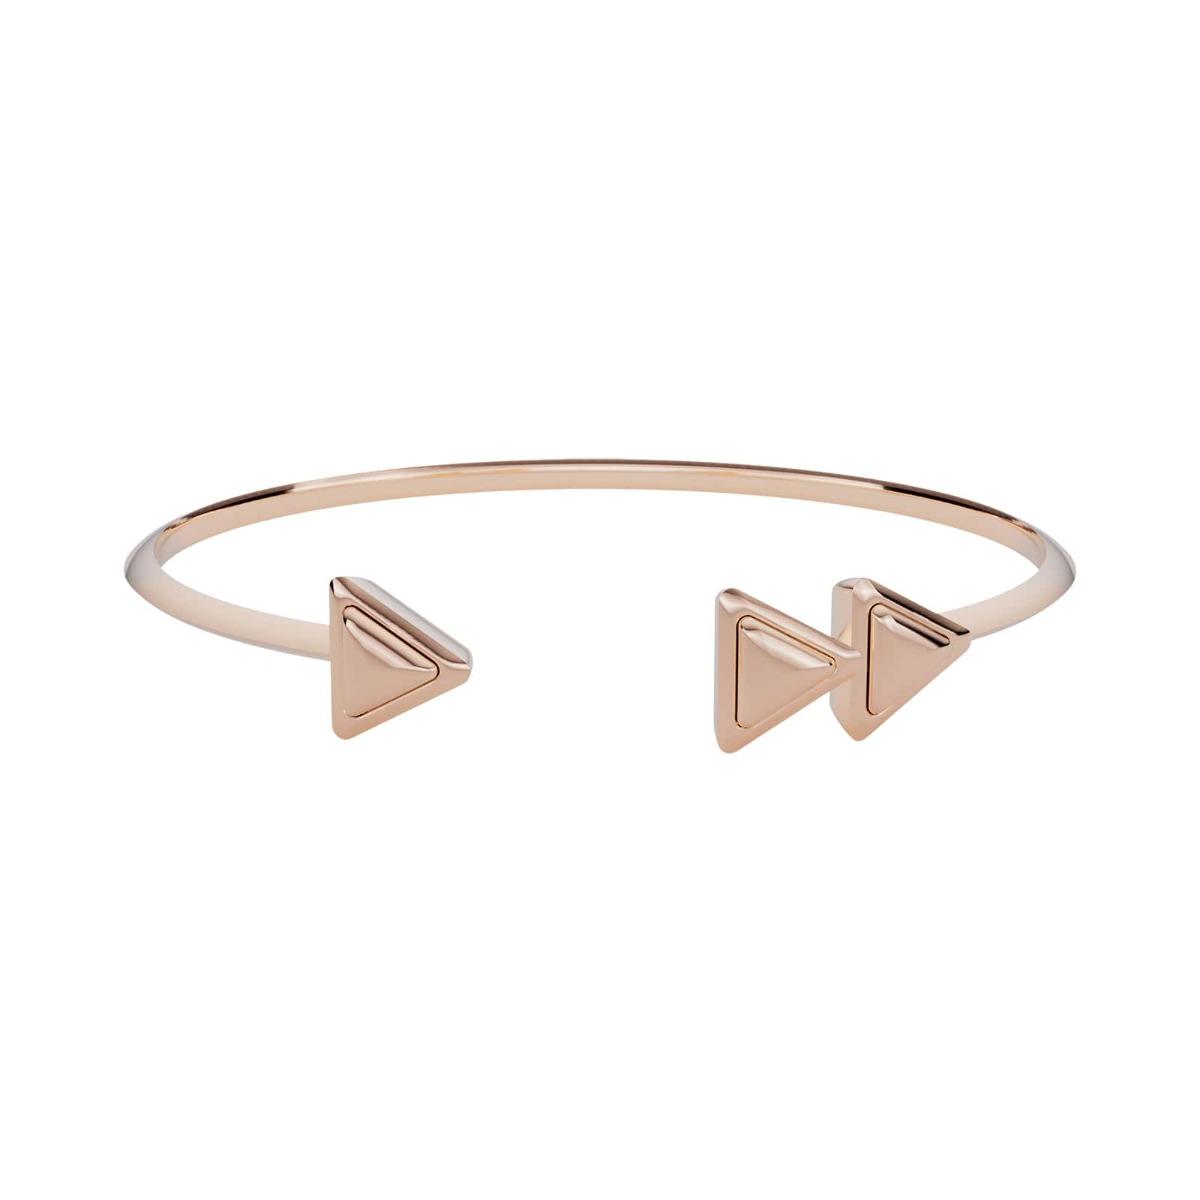 Bracelet Dove Vai Rewind Essential Full Rose Gold